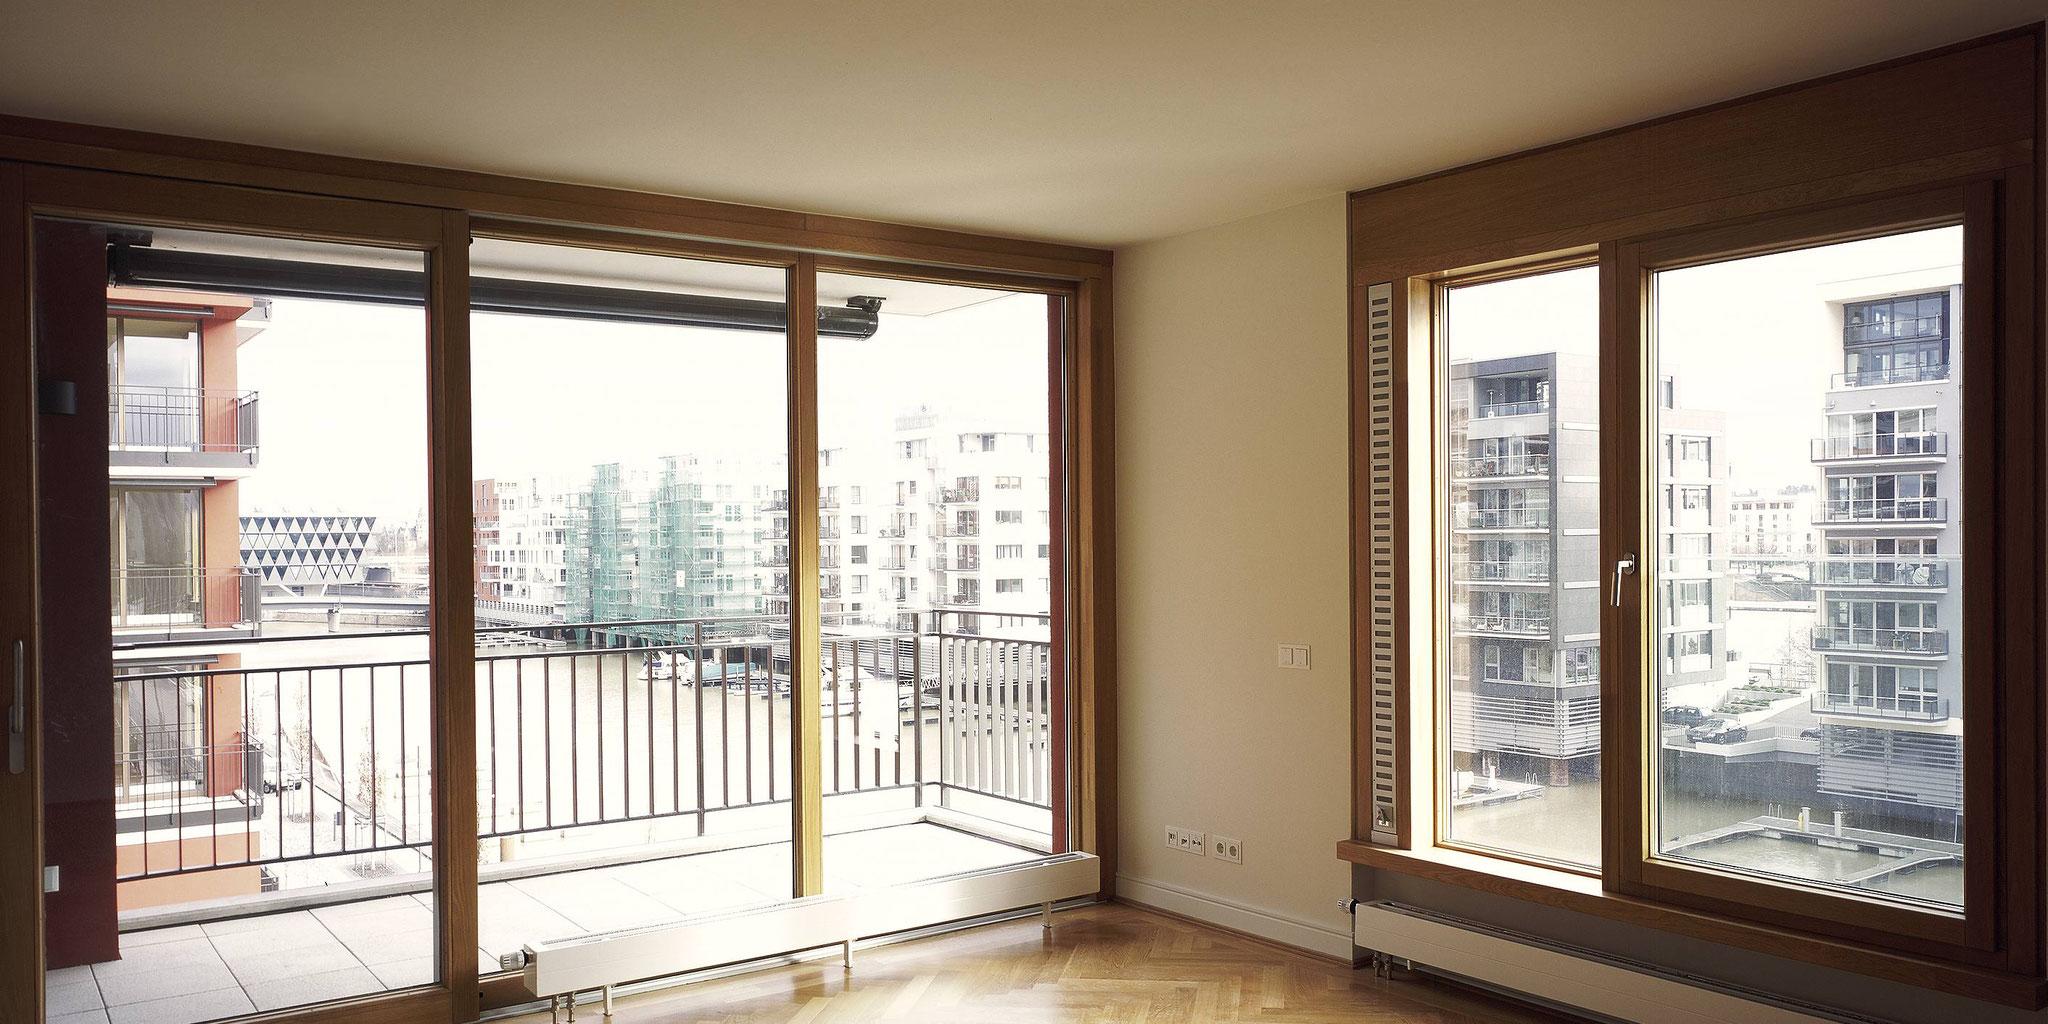 Neubau Wohngebäude für Senioren, Cronstettenhaus –  Frankfurt Westhafen, Frick.Reichert Architekten